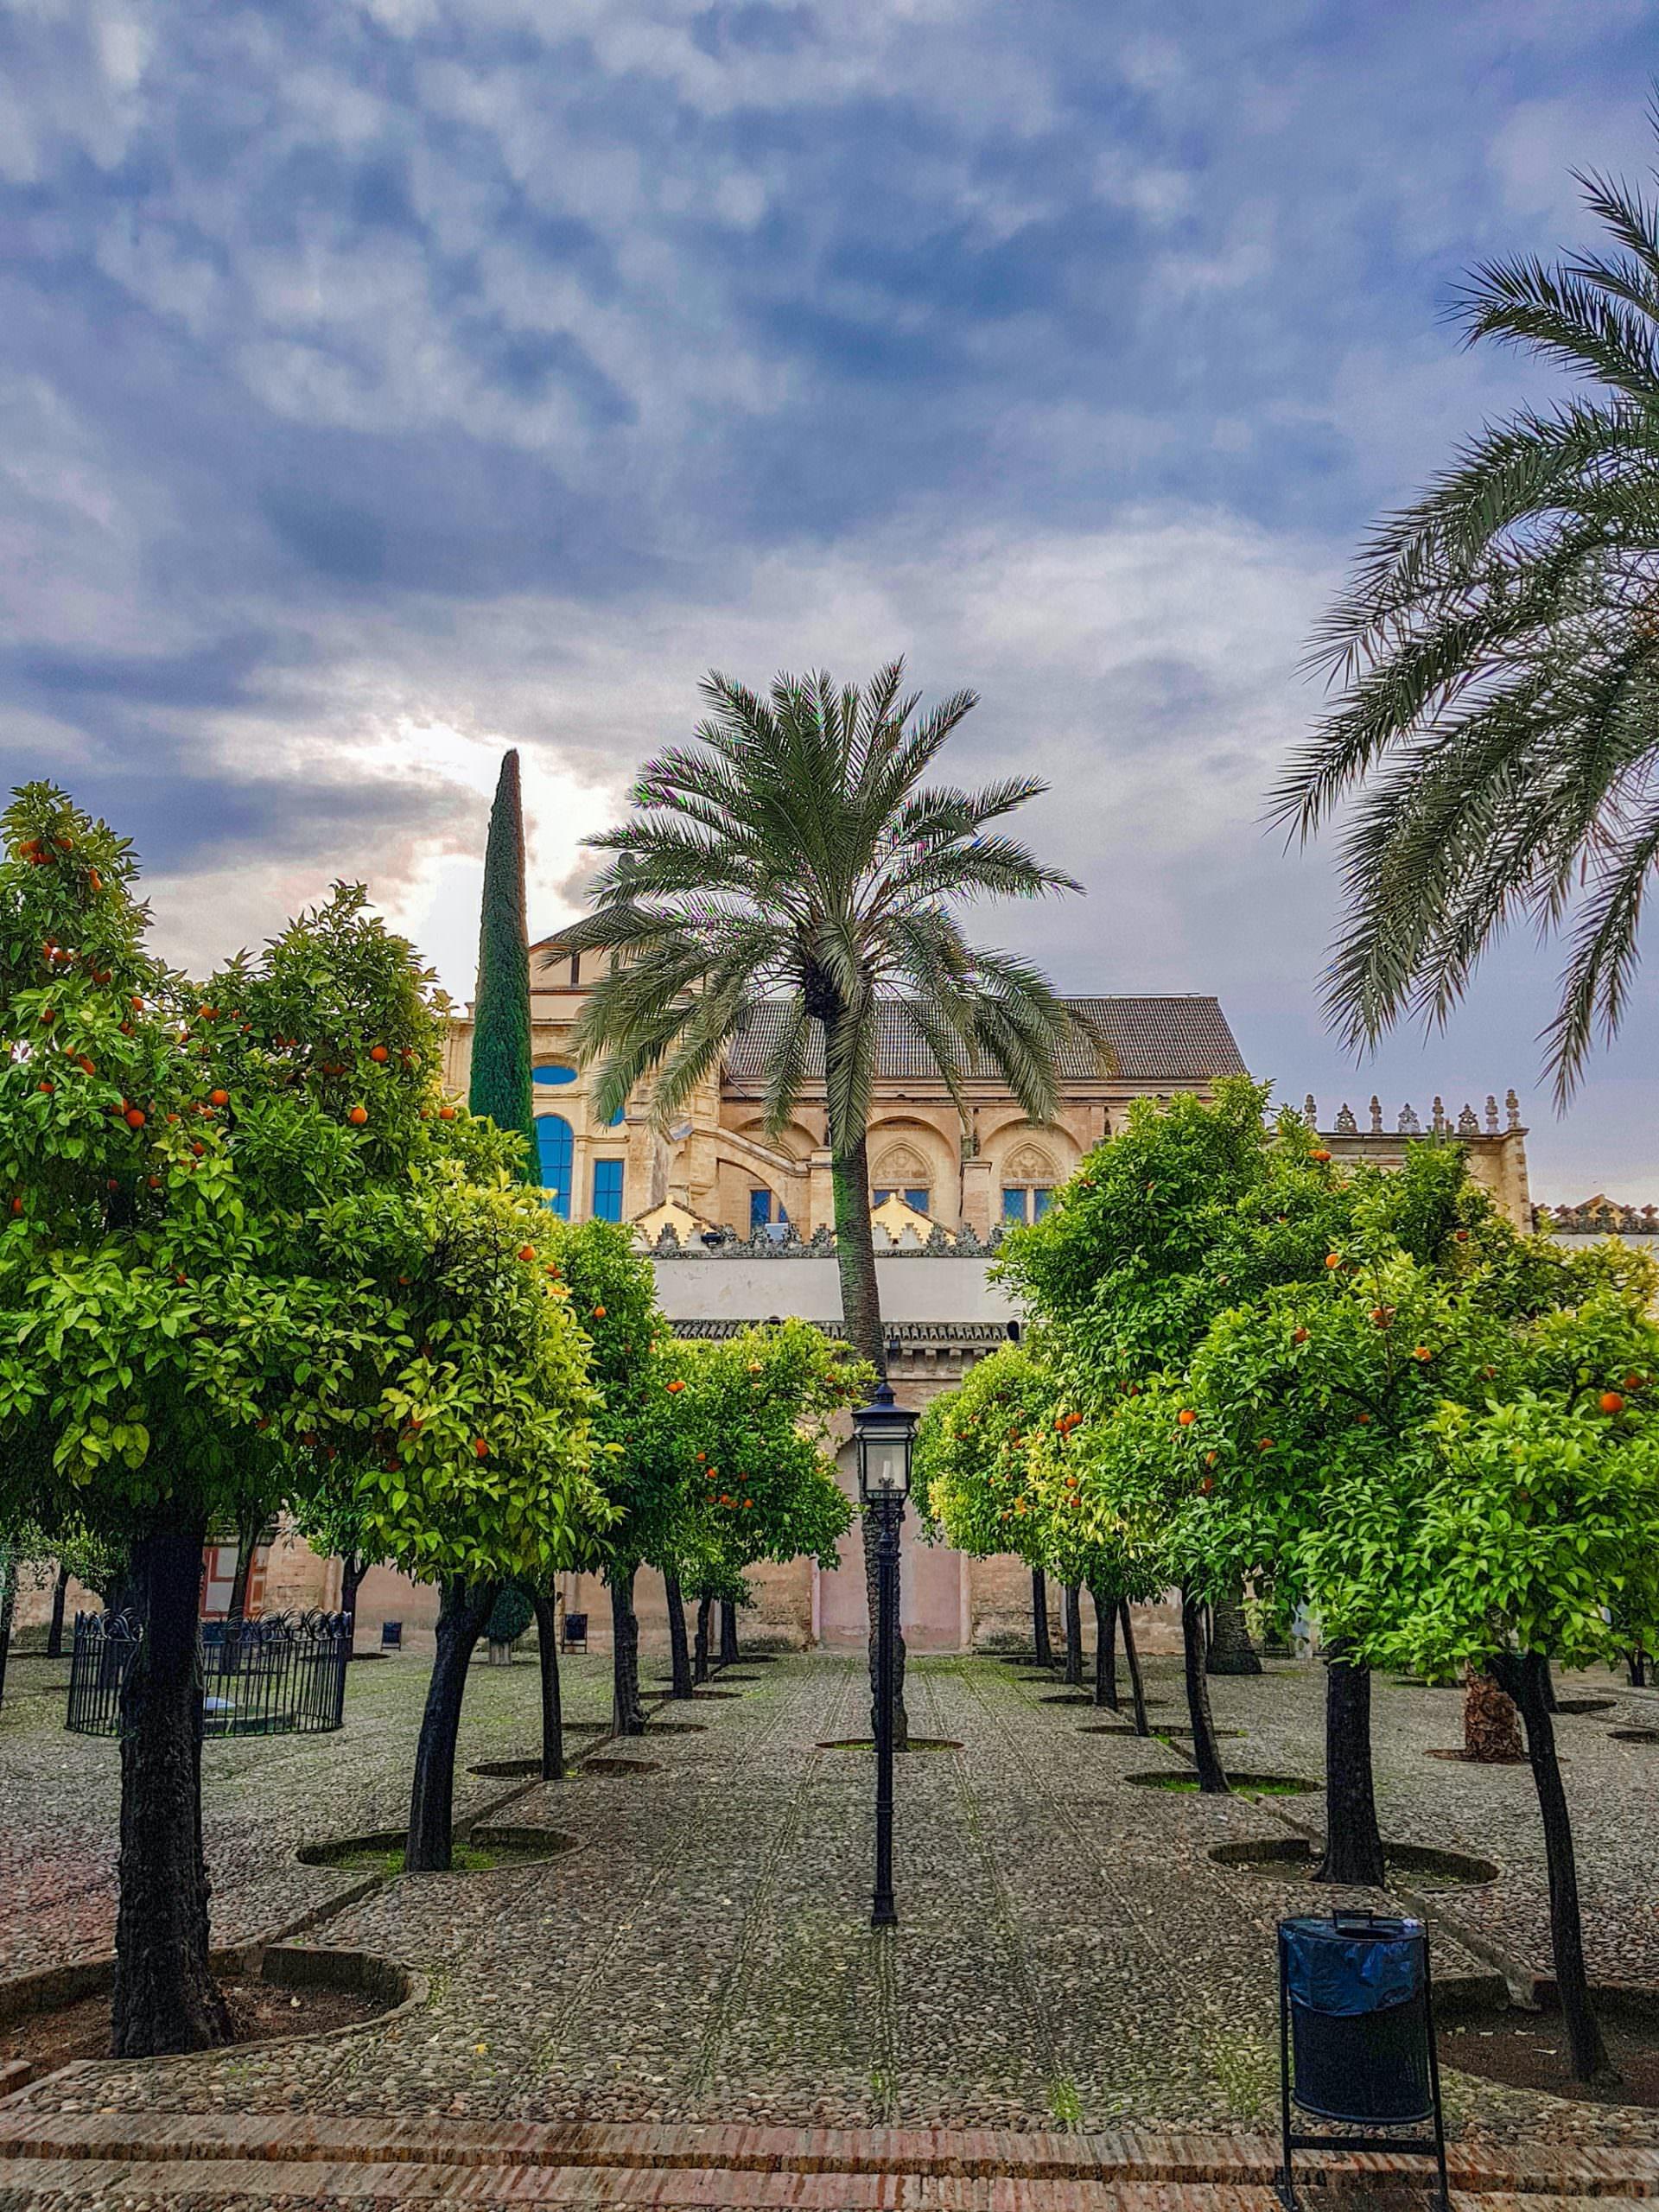 أفضل مناطق الجذب السياحي في قرطبة ، إسبانيا